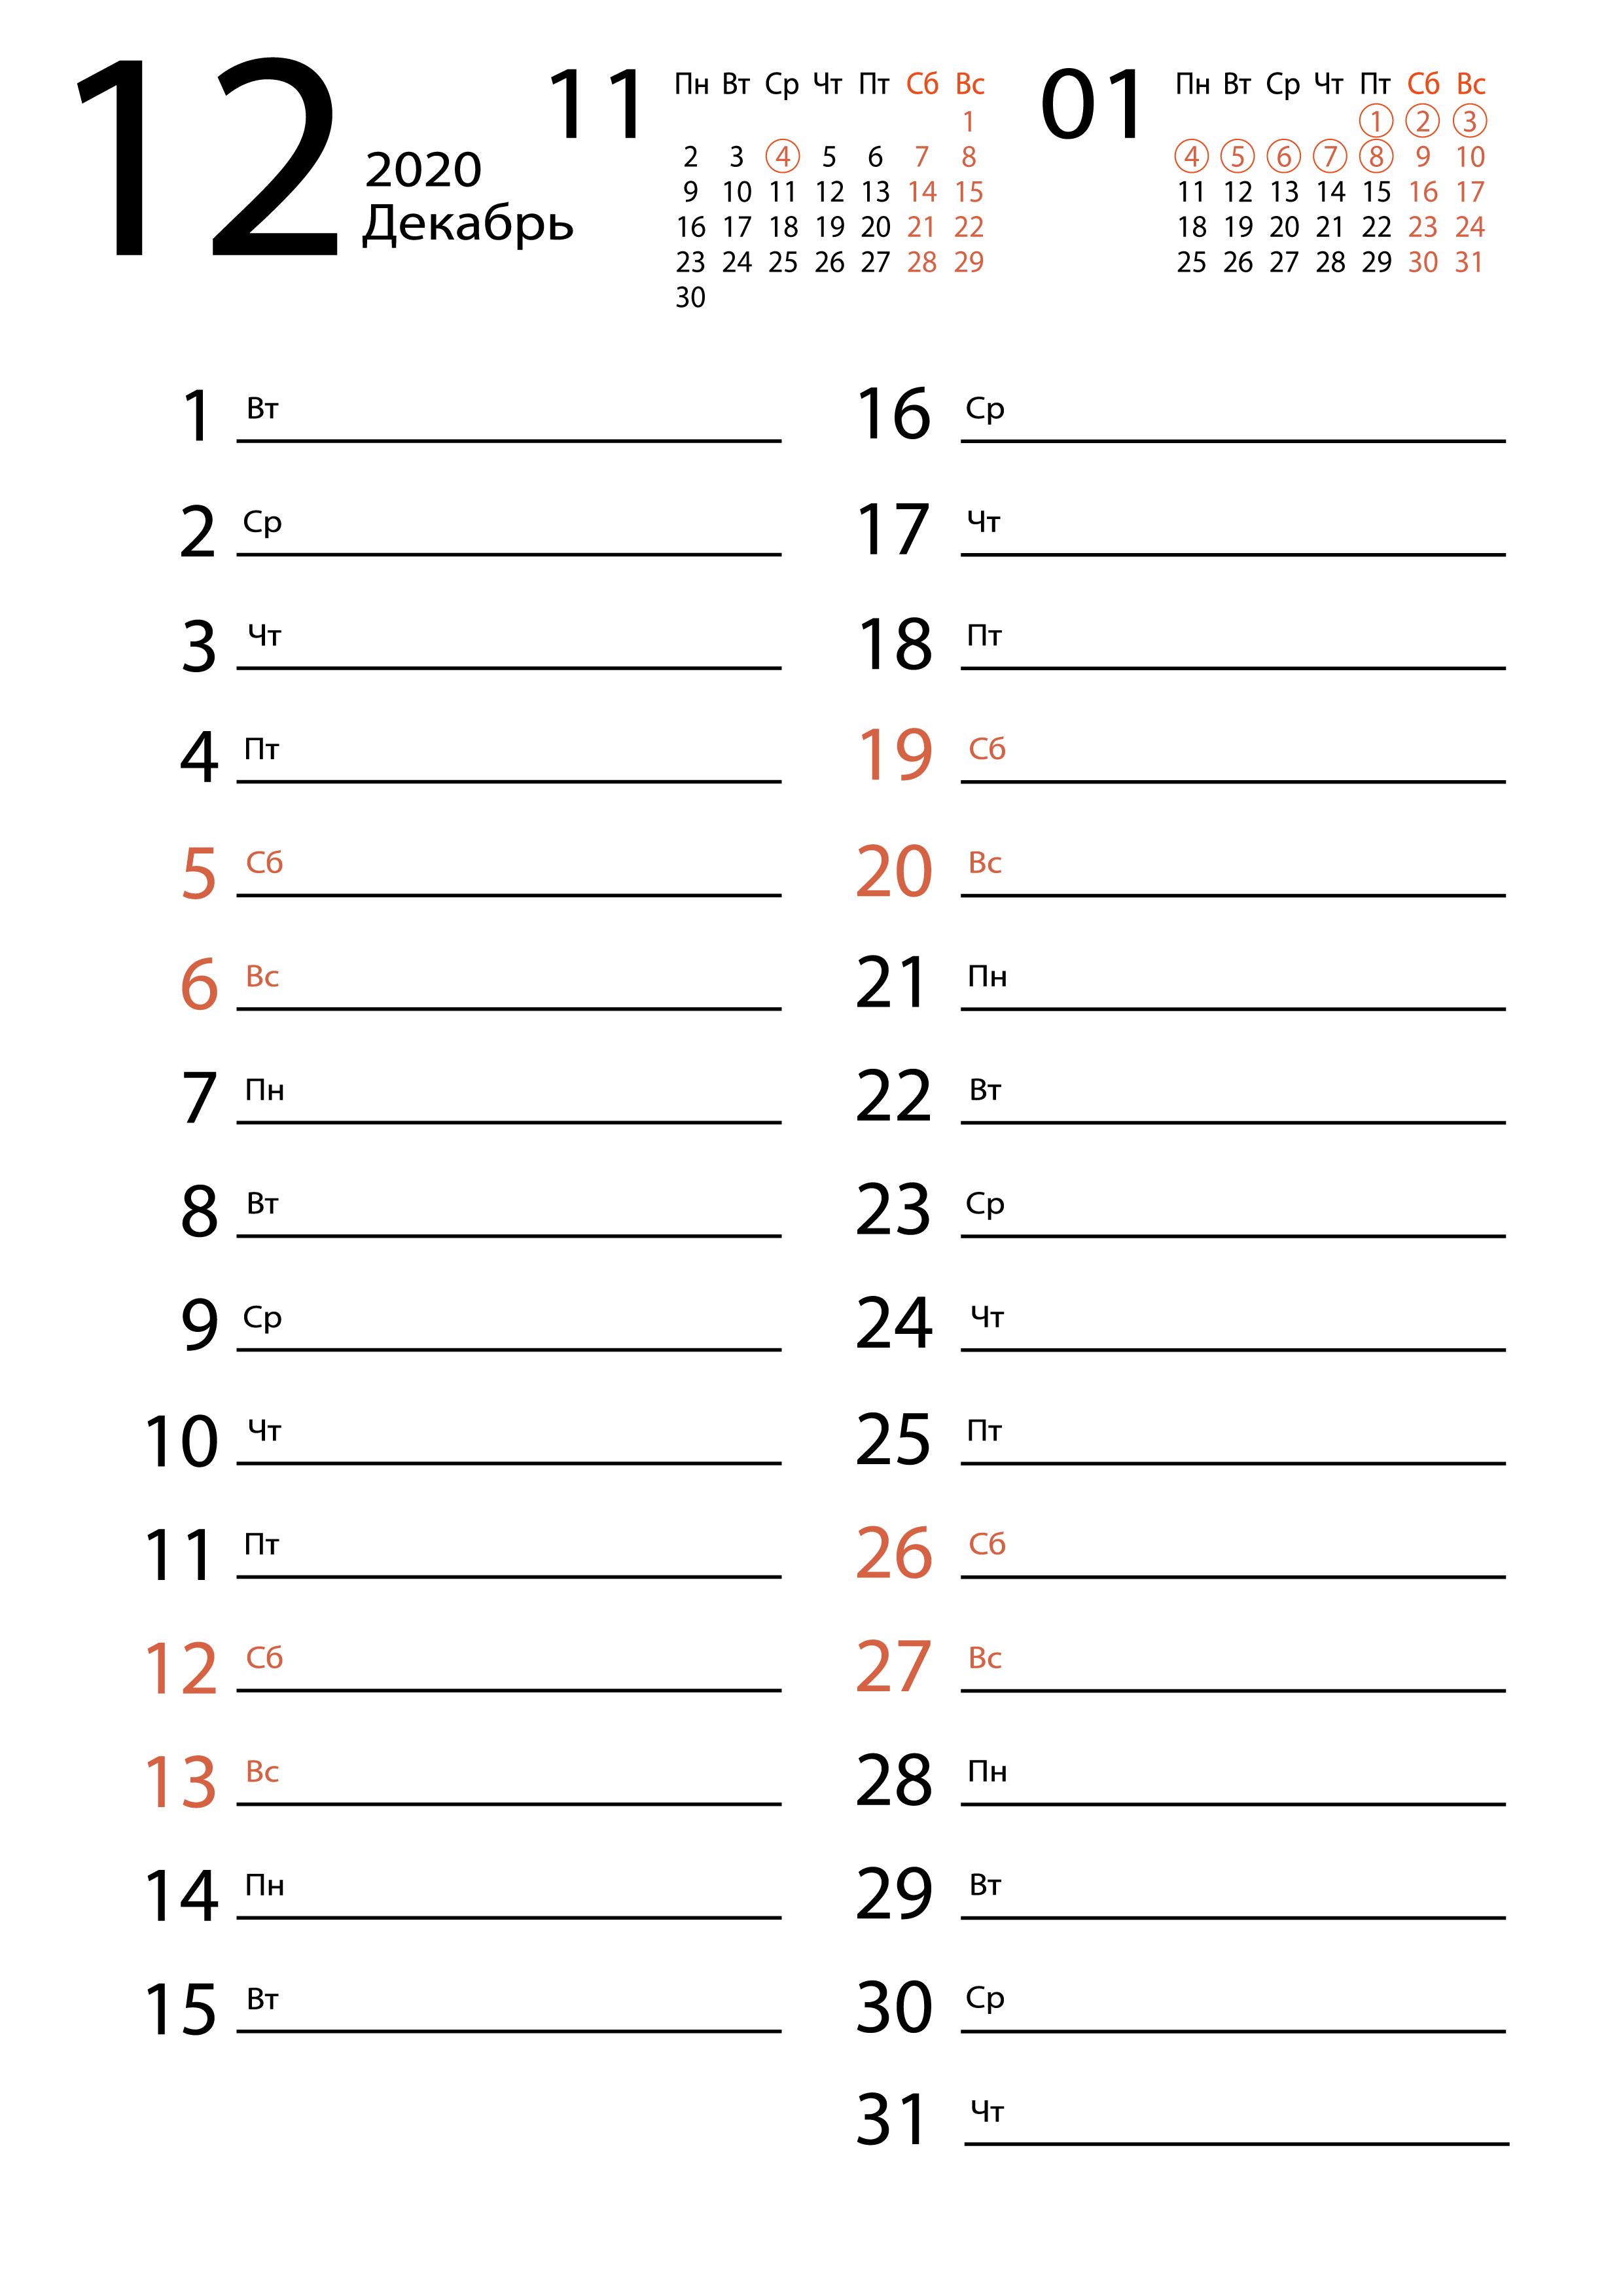 Декабрь 2020 - Календарь для заметок